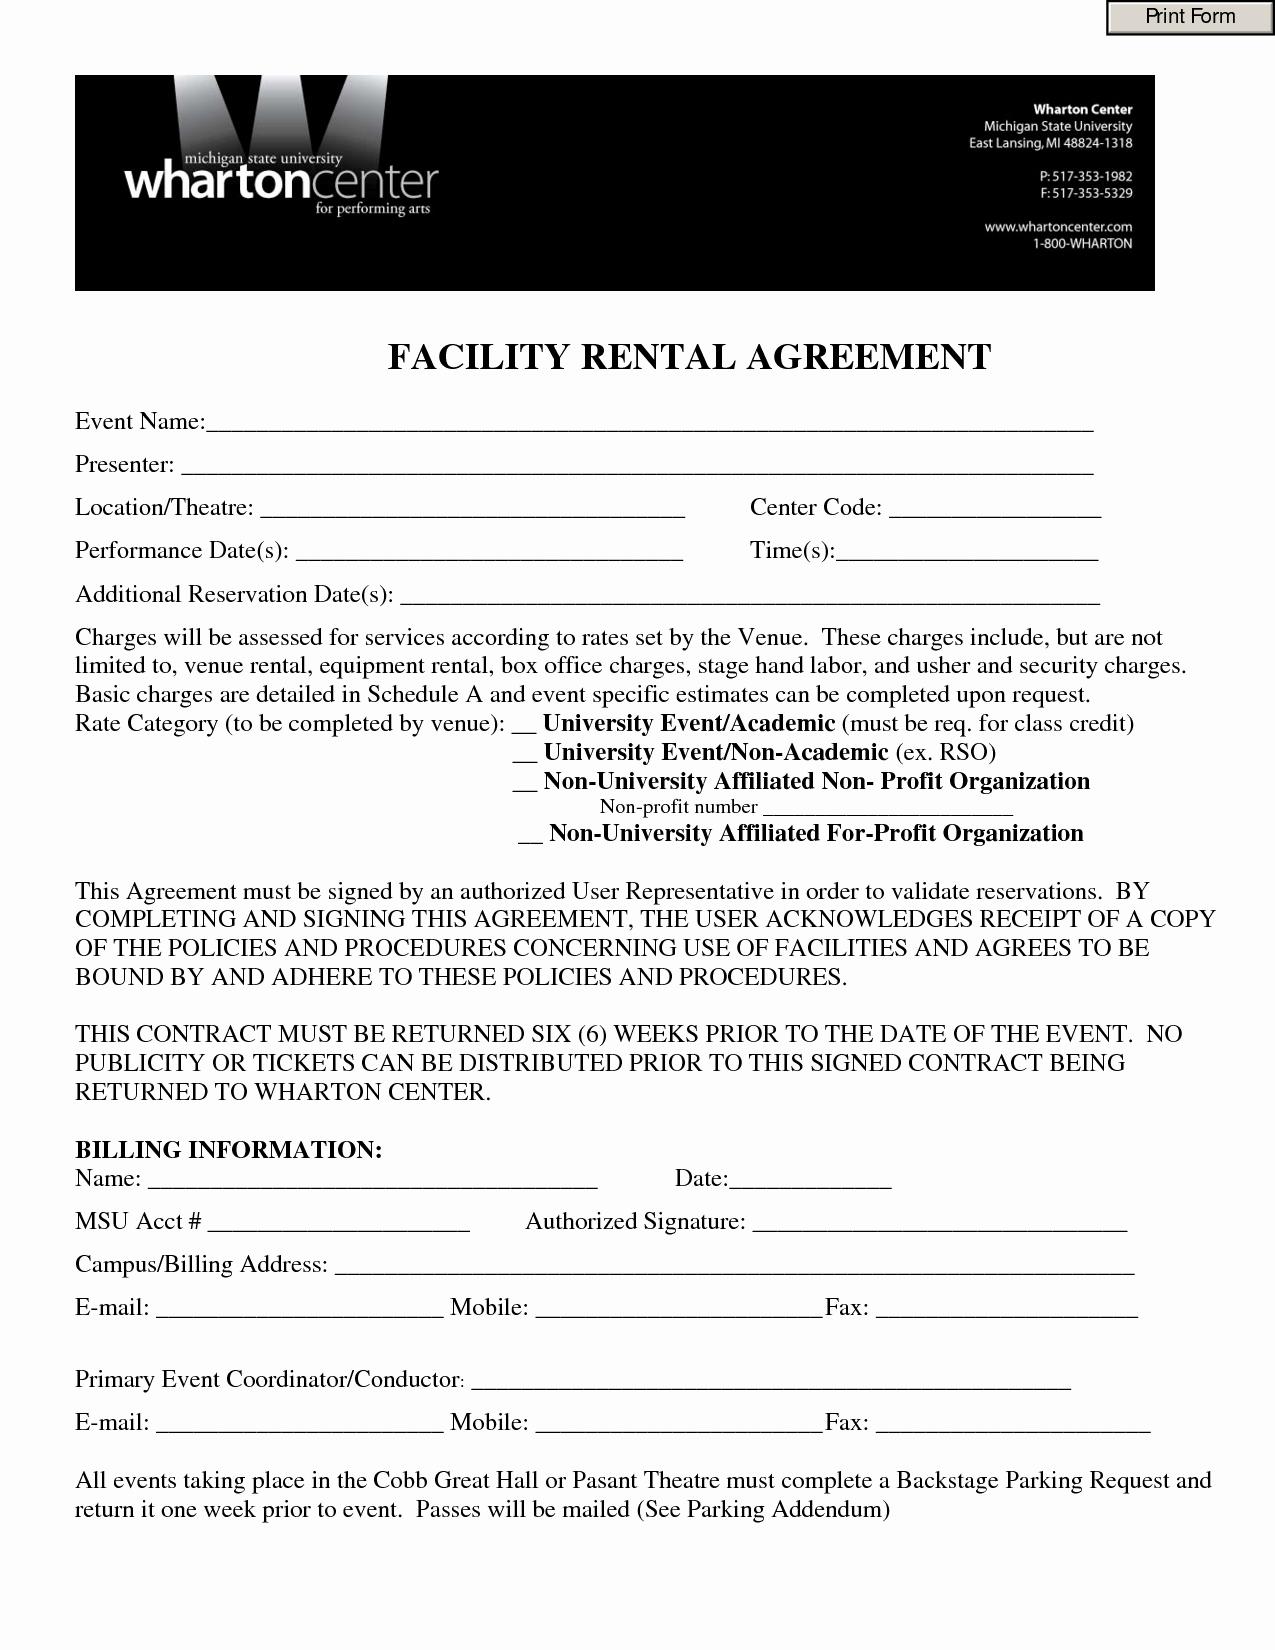 Wedding Venue Contract Template Best Of Best S Of Venue Rental Contract Template Real